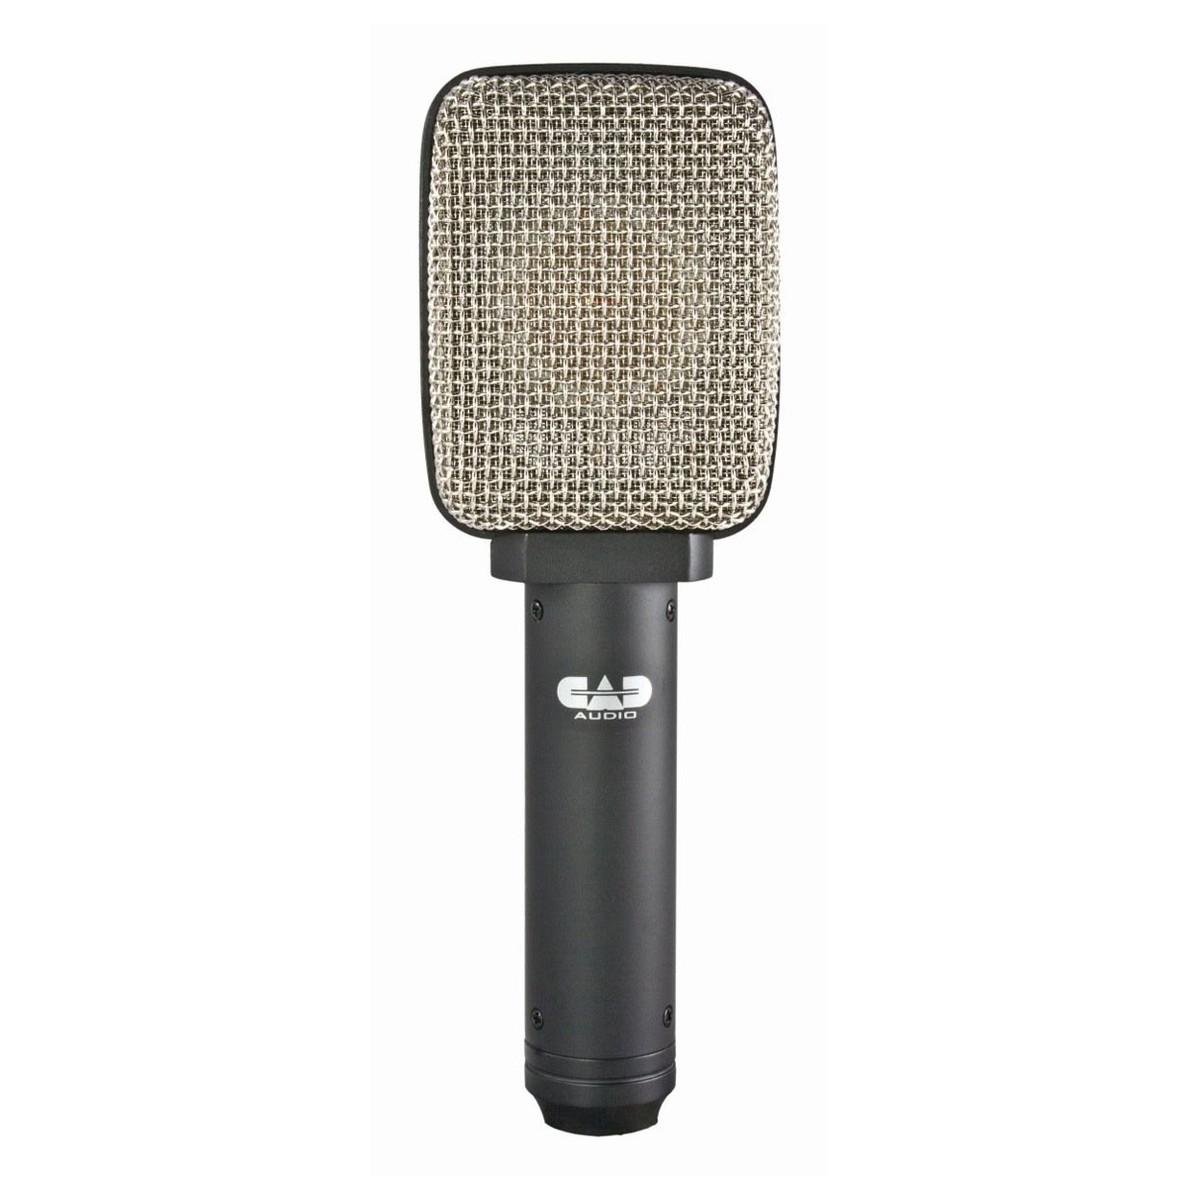 cad d80 large diaphragm dynamic microphone at. Black Bedroom Furniture Sets. Home Design Ideas